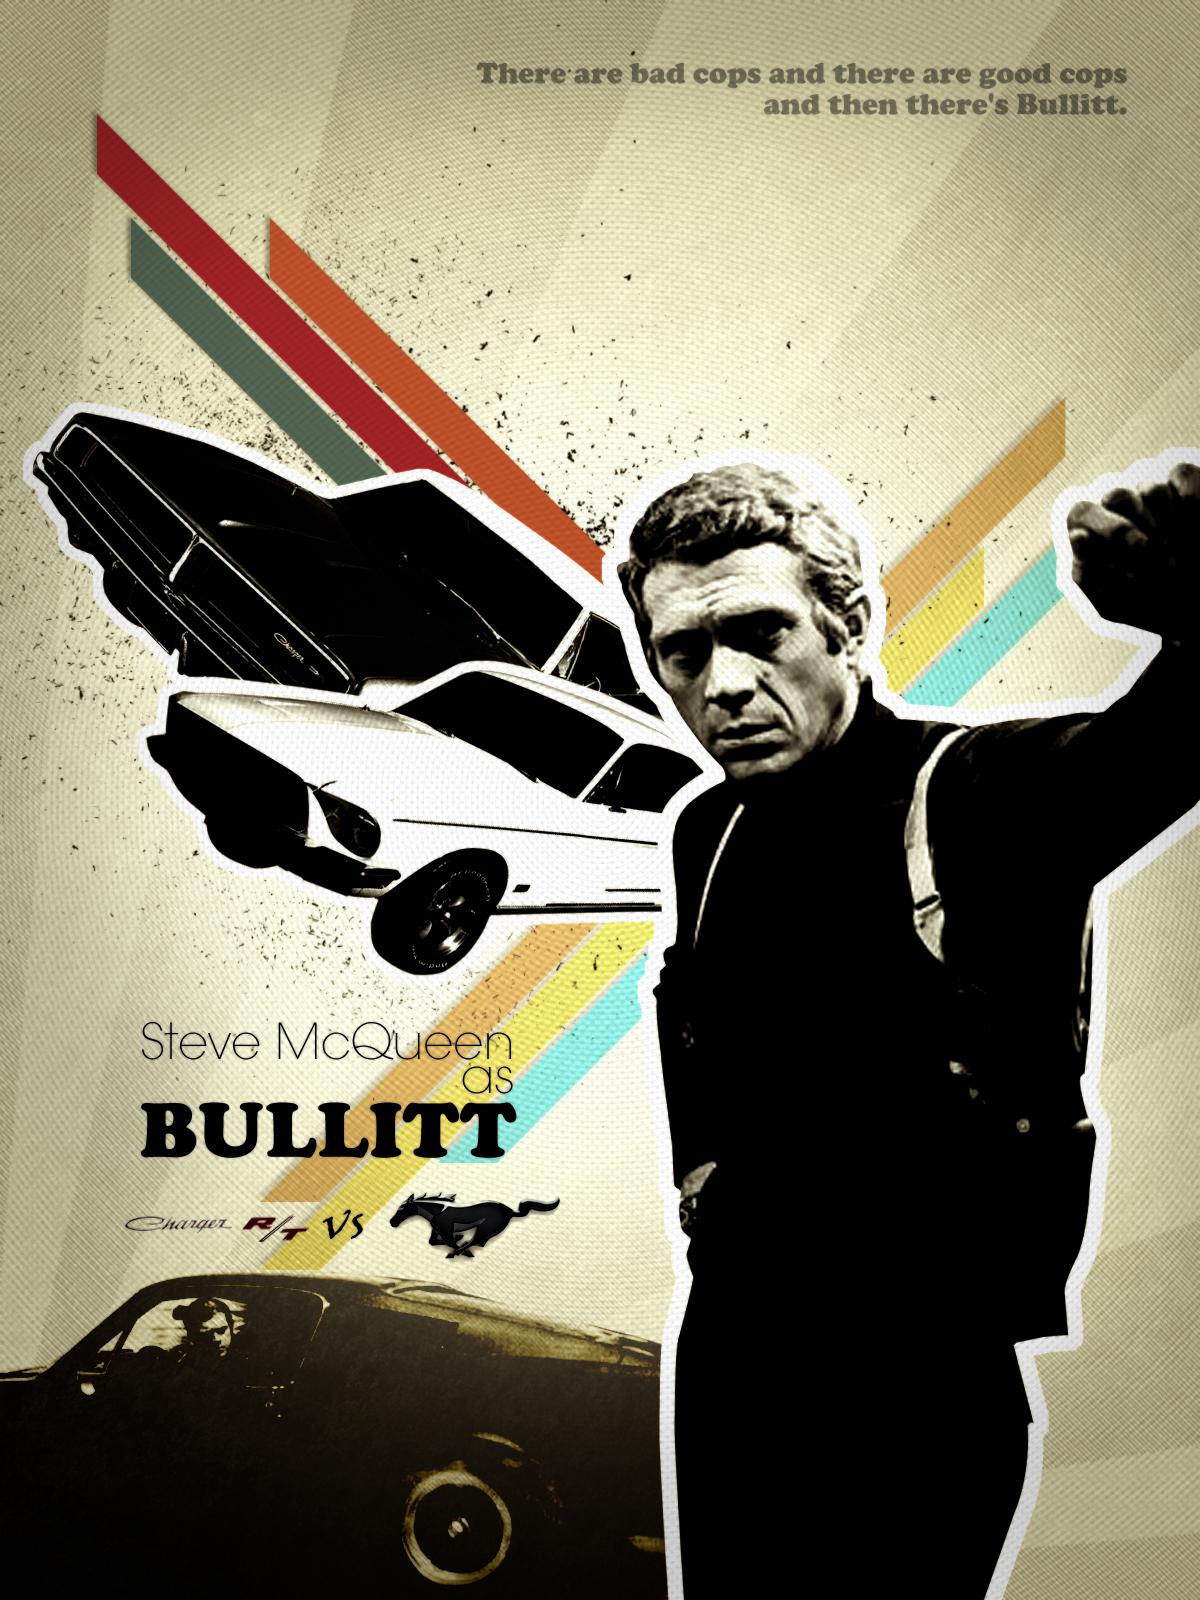 Bullit, Autokino 2003